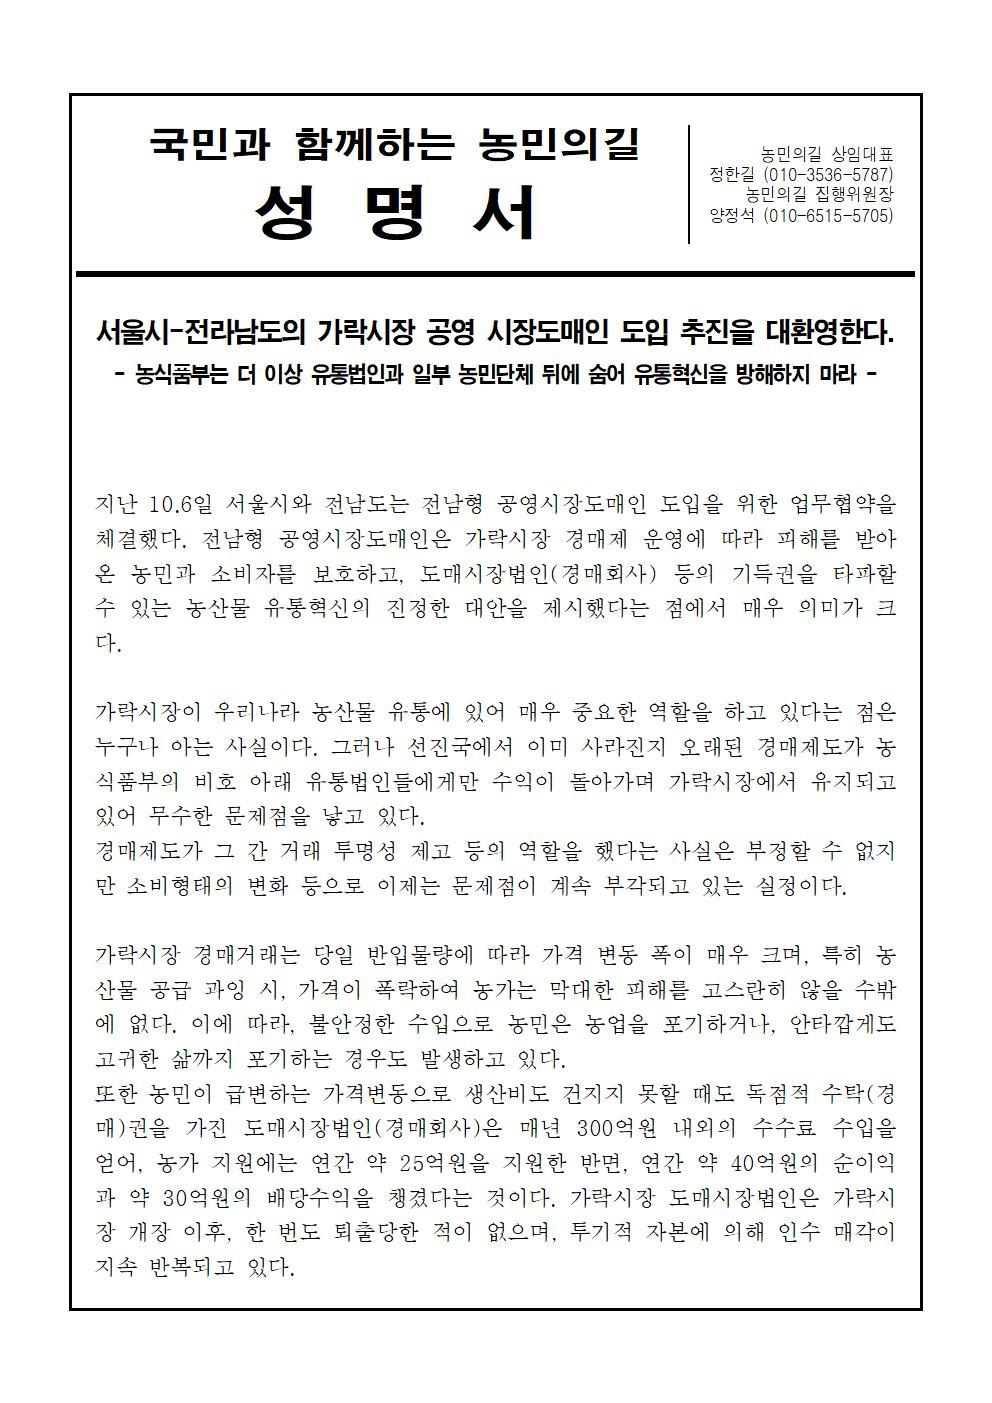 201014 서울시-전라남도의 가락시장 공영 시장도매인 도입 추진을 대환영한다001.jpg